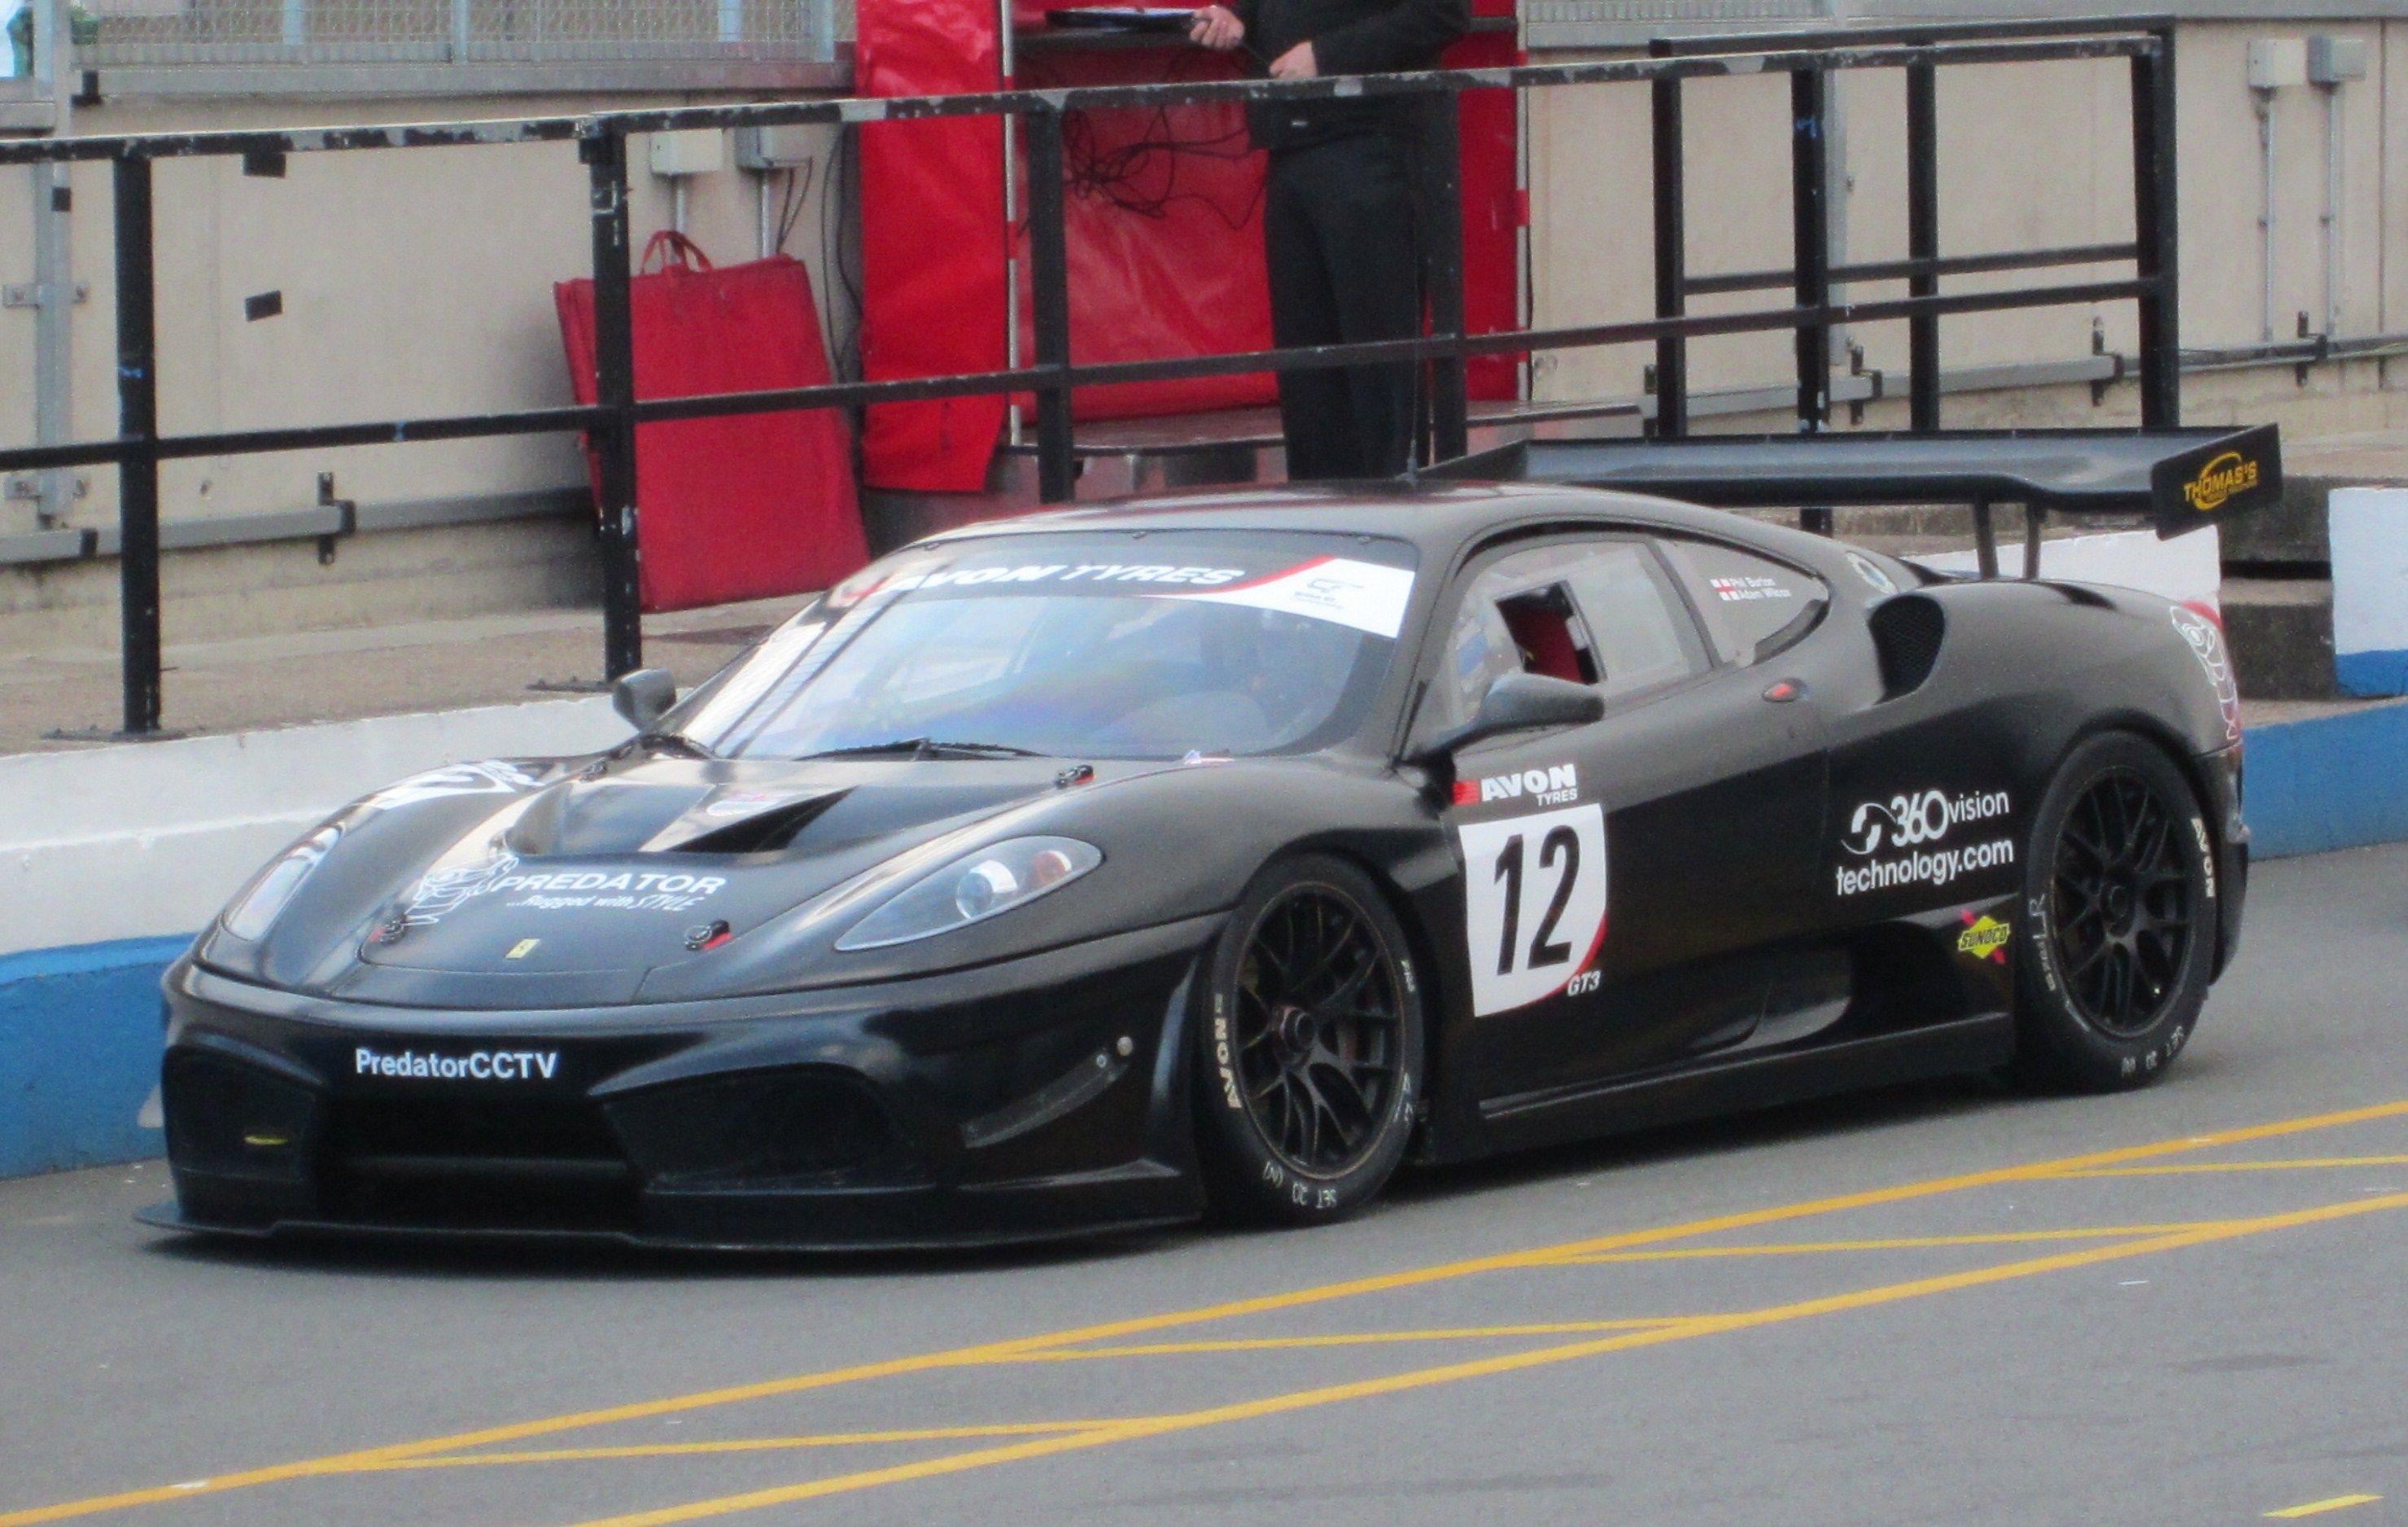 Ferrari 430 Scuderia Gt3 Ferrari F430 Ferrari Race Cars